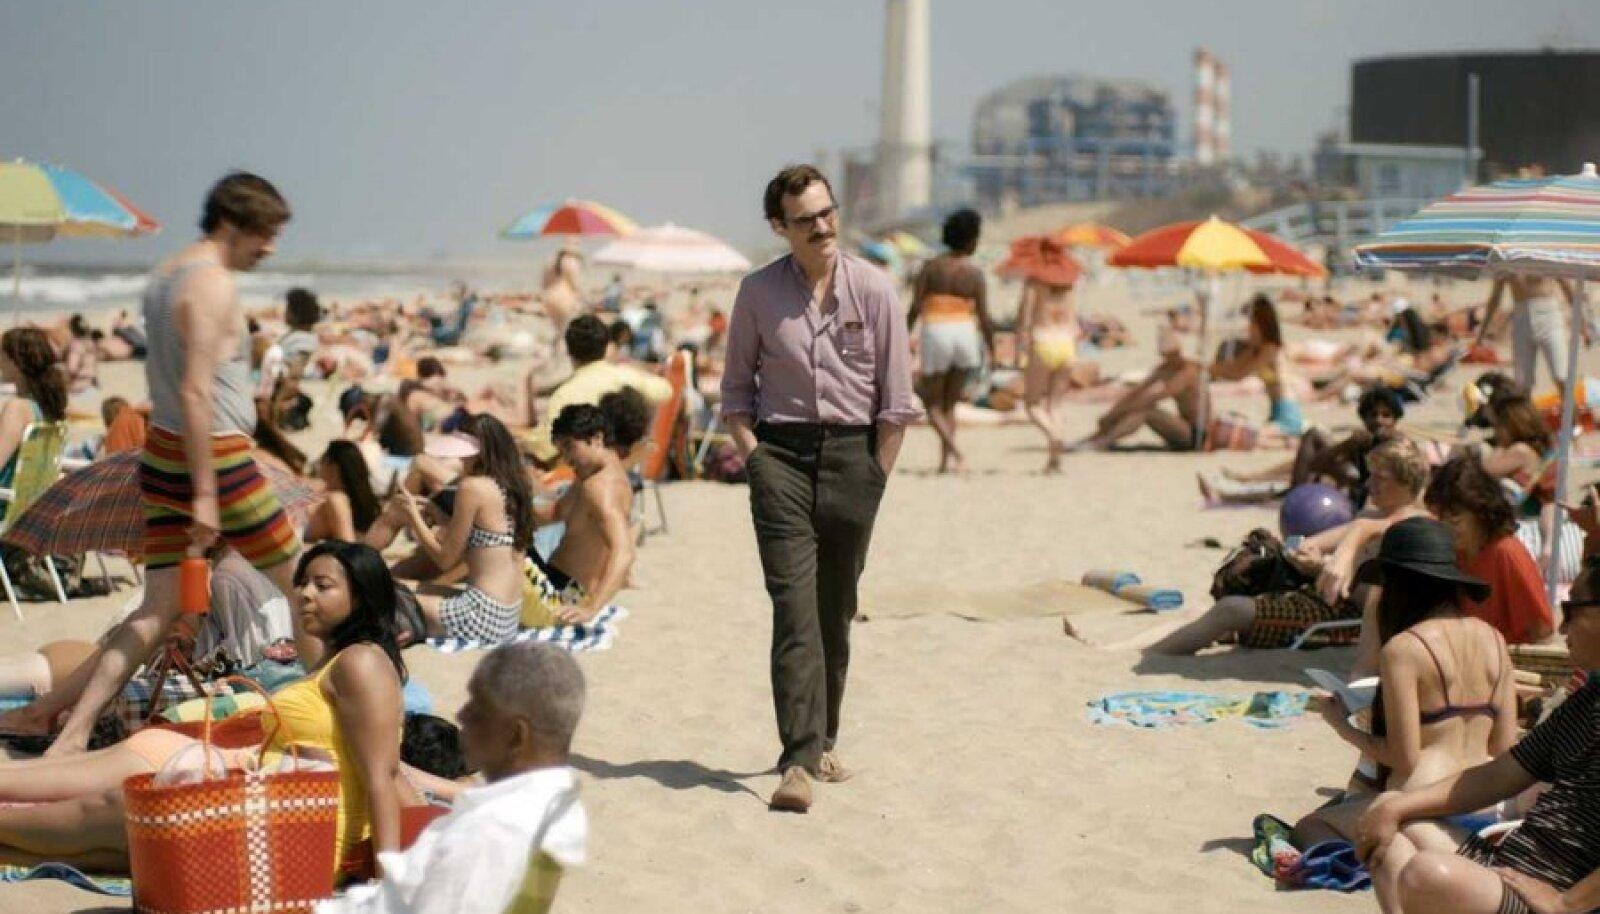 Kujutlusmängud: Joaquin Phoenix armastusfilmis, kus naine jääb publikul nägemata.